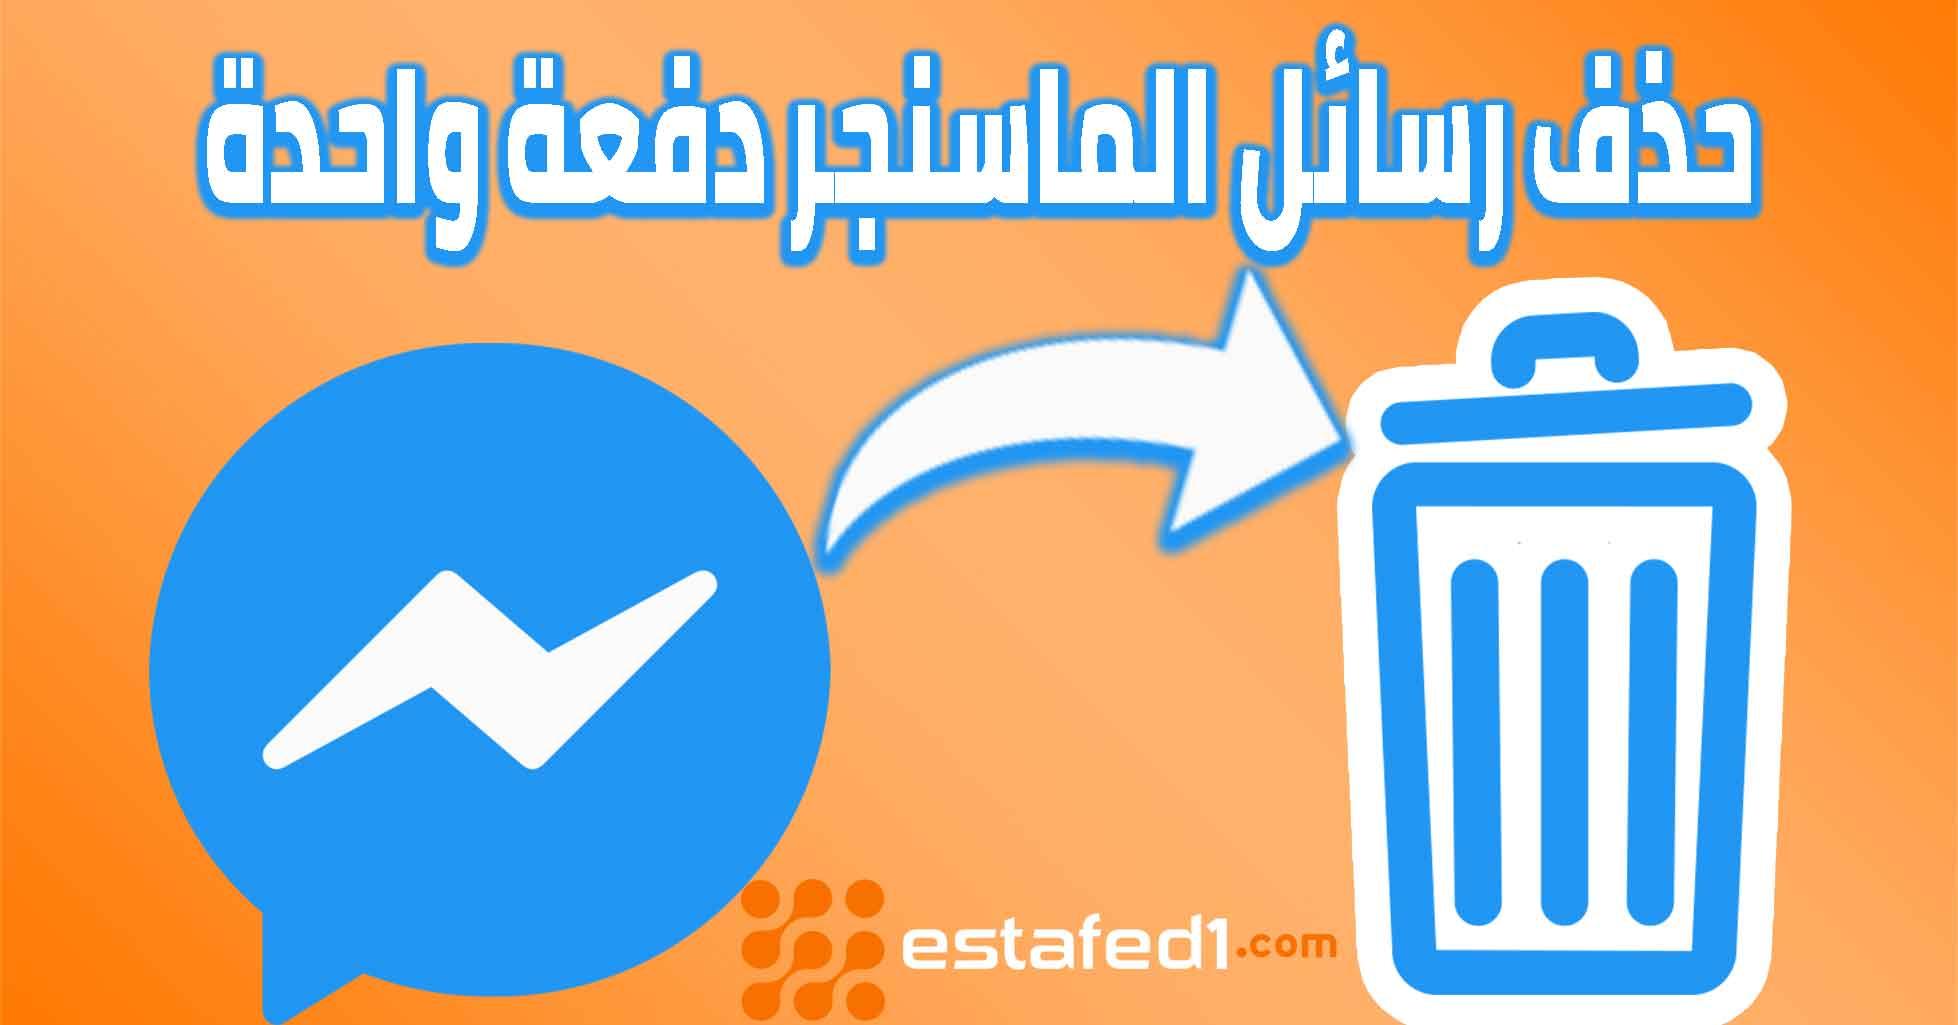 حذف رسائل ماسنجر الفيس بوك كلها دفعة واحدة Estafed1